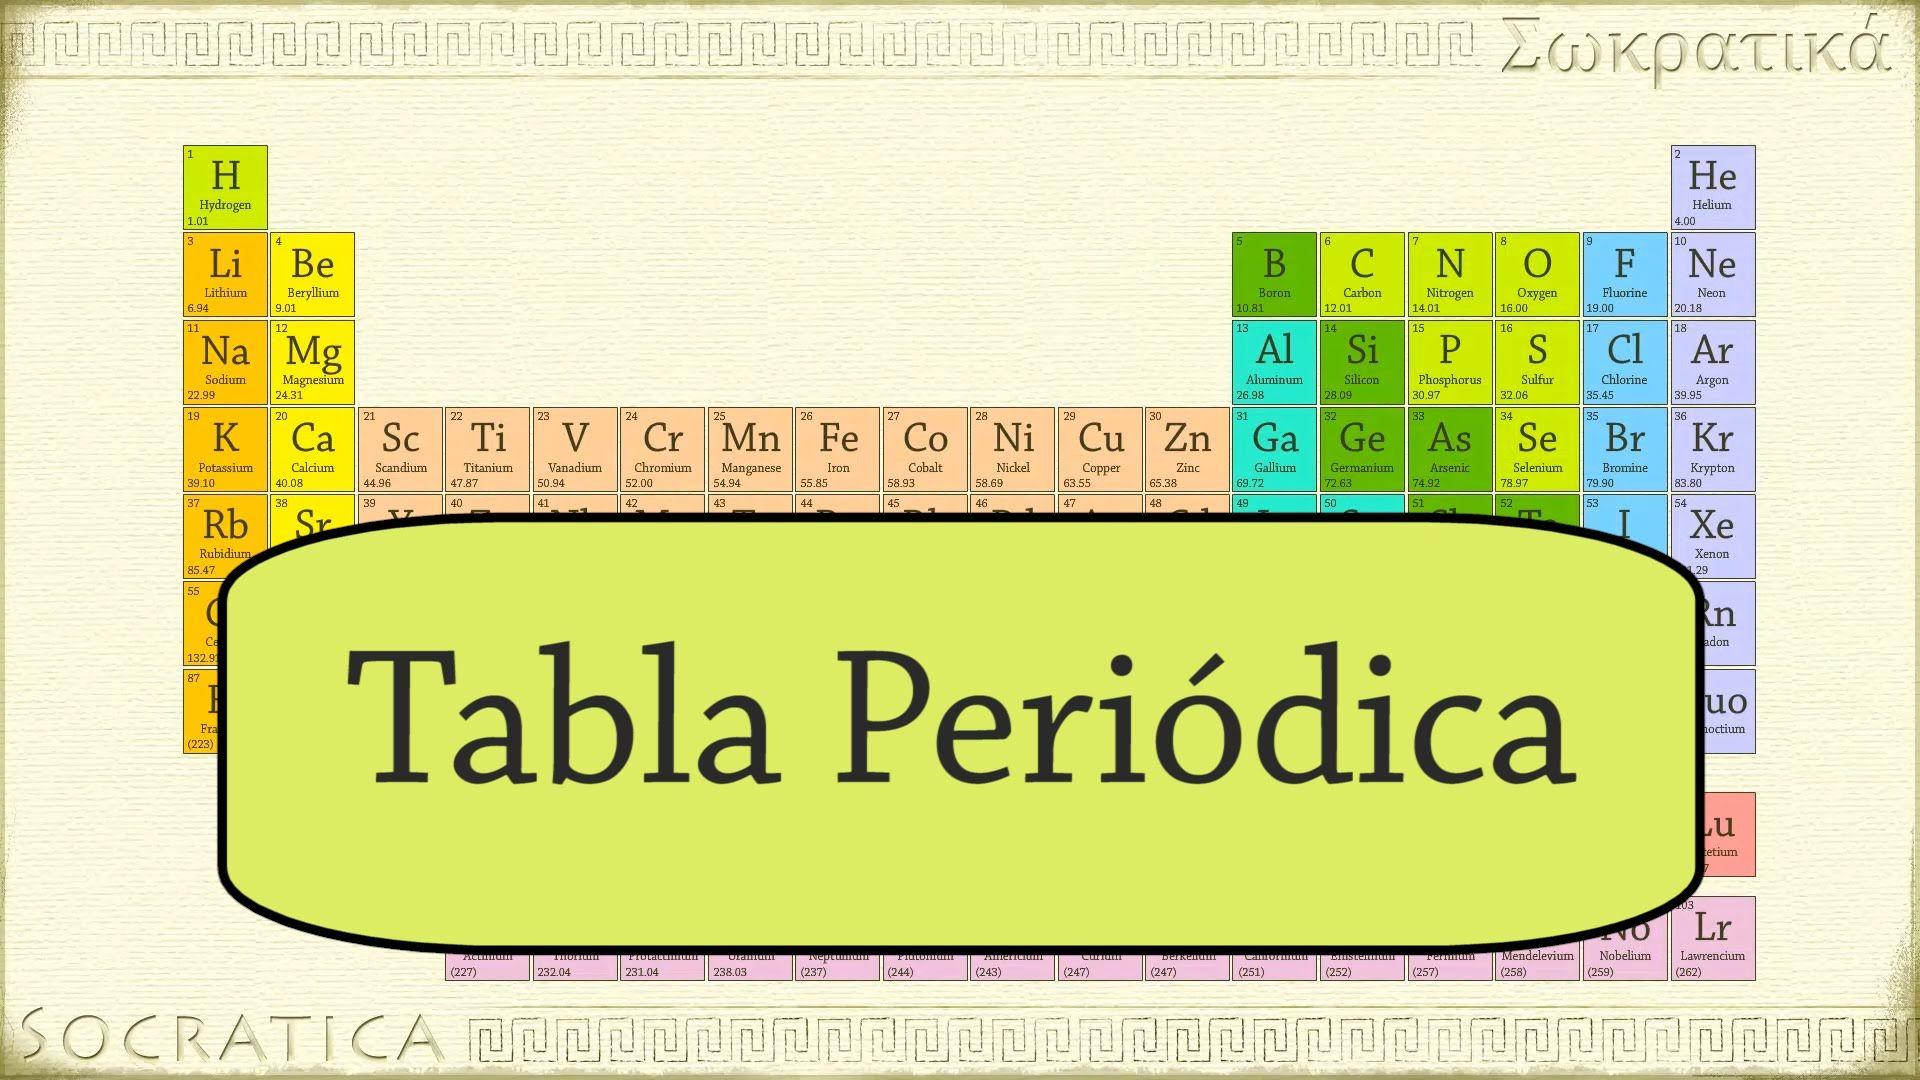 Química: Introducción a la Tabla Periódica | PODRIA SERVIR ...